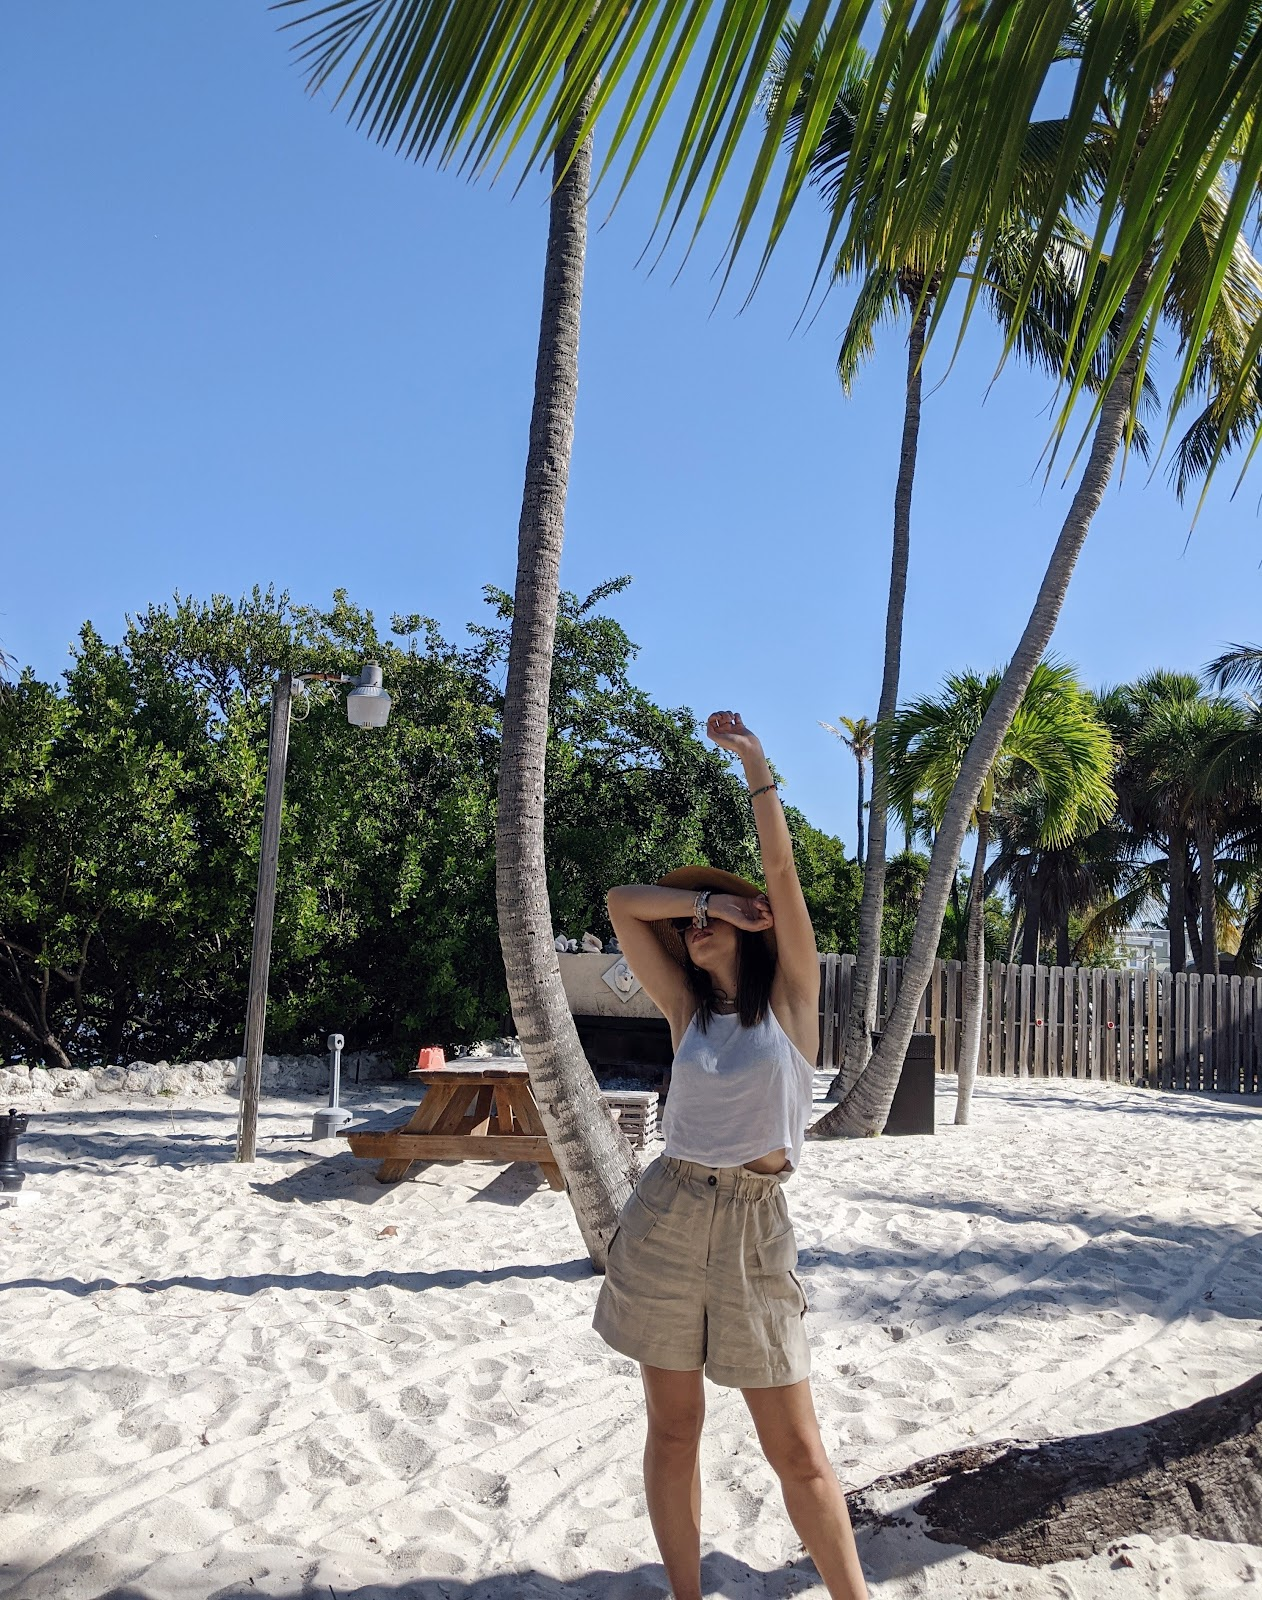 אני צריכה צריך חופש דחוף מה עושים כשצריך לצאת לחופשה